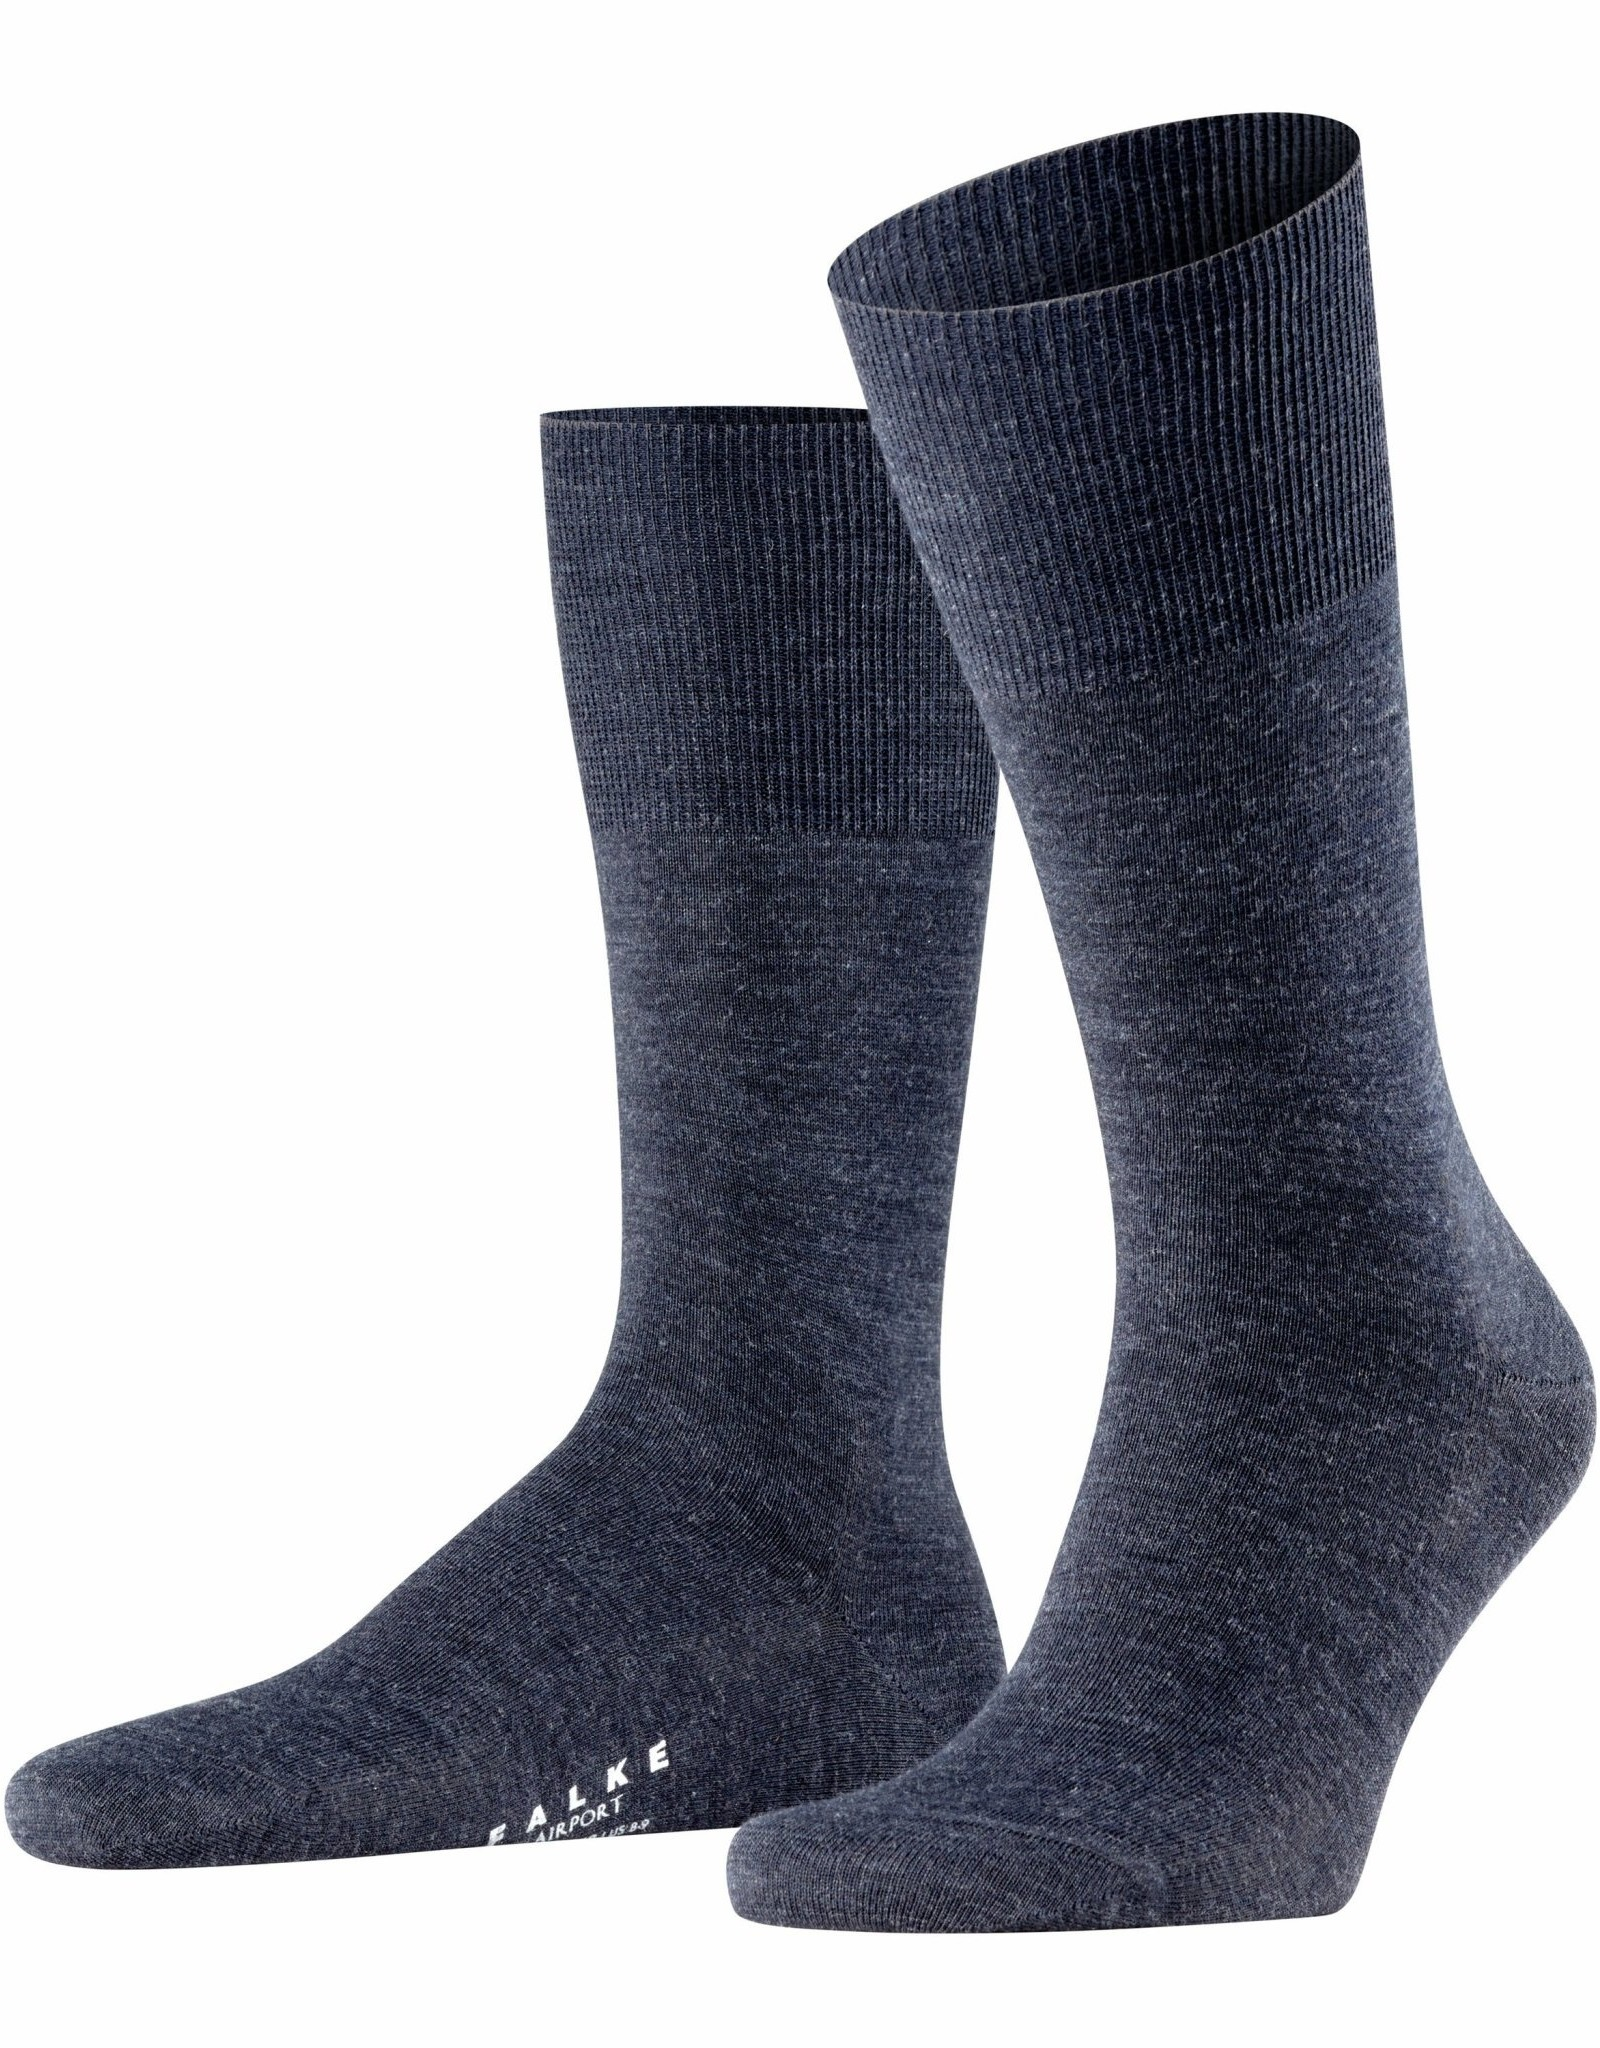 Falke Airport korte sokken indigo